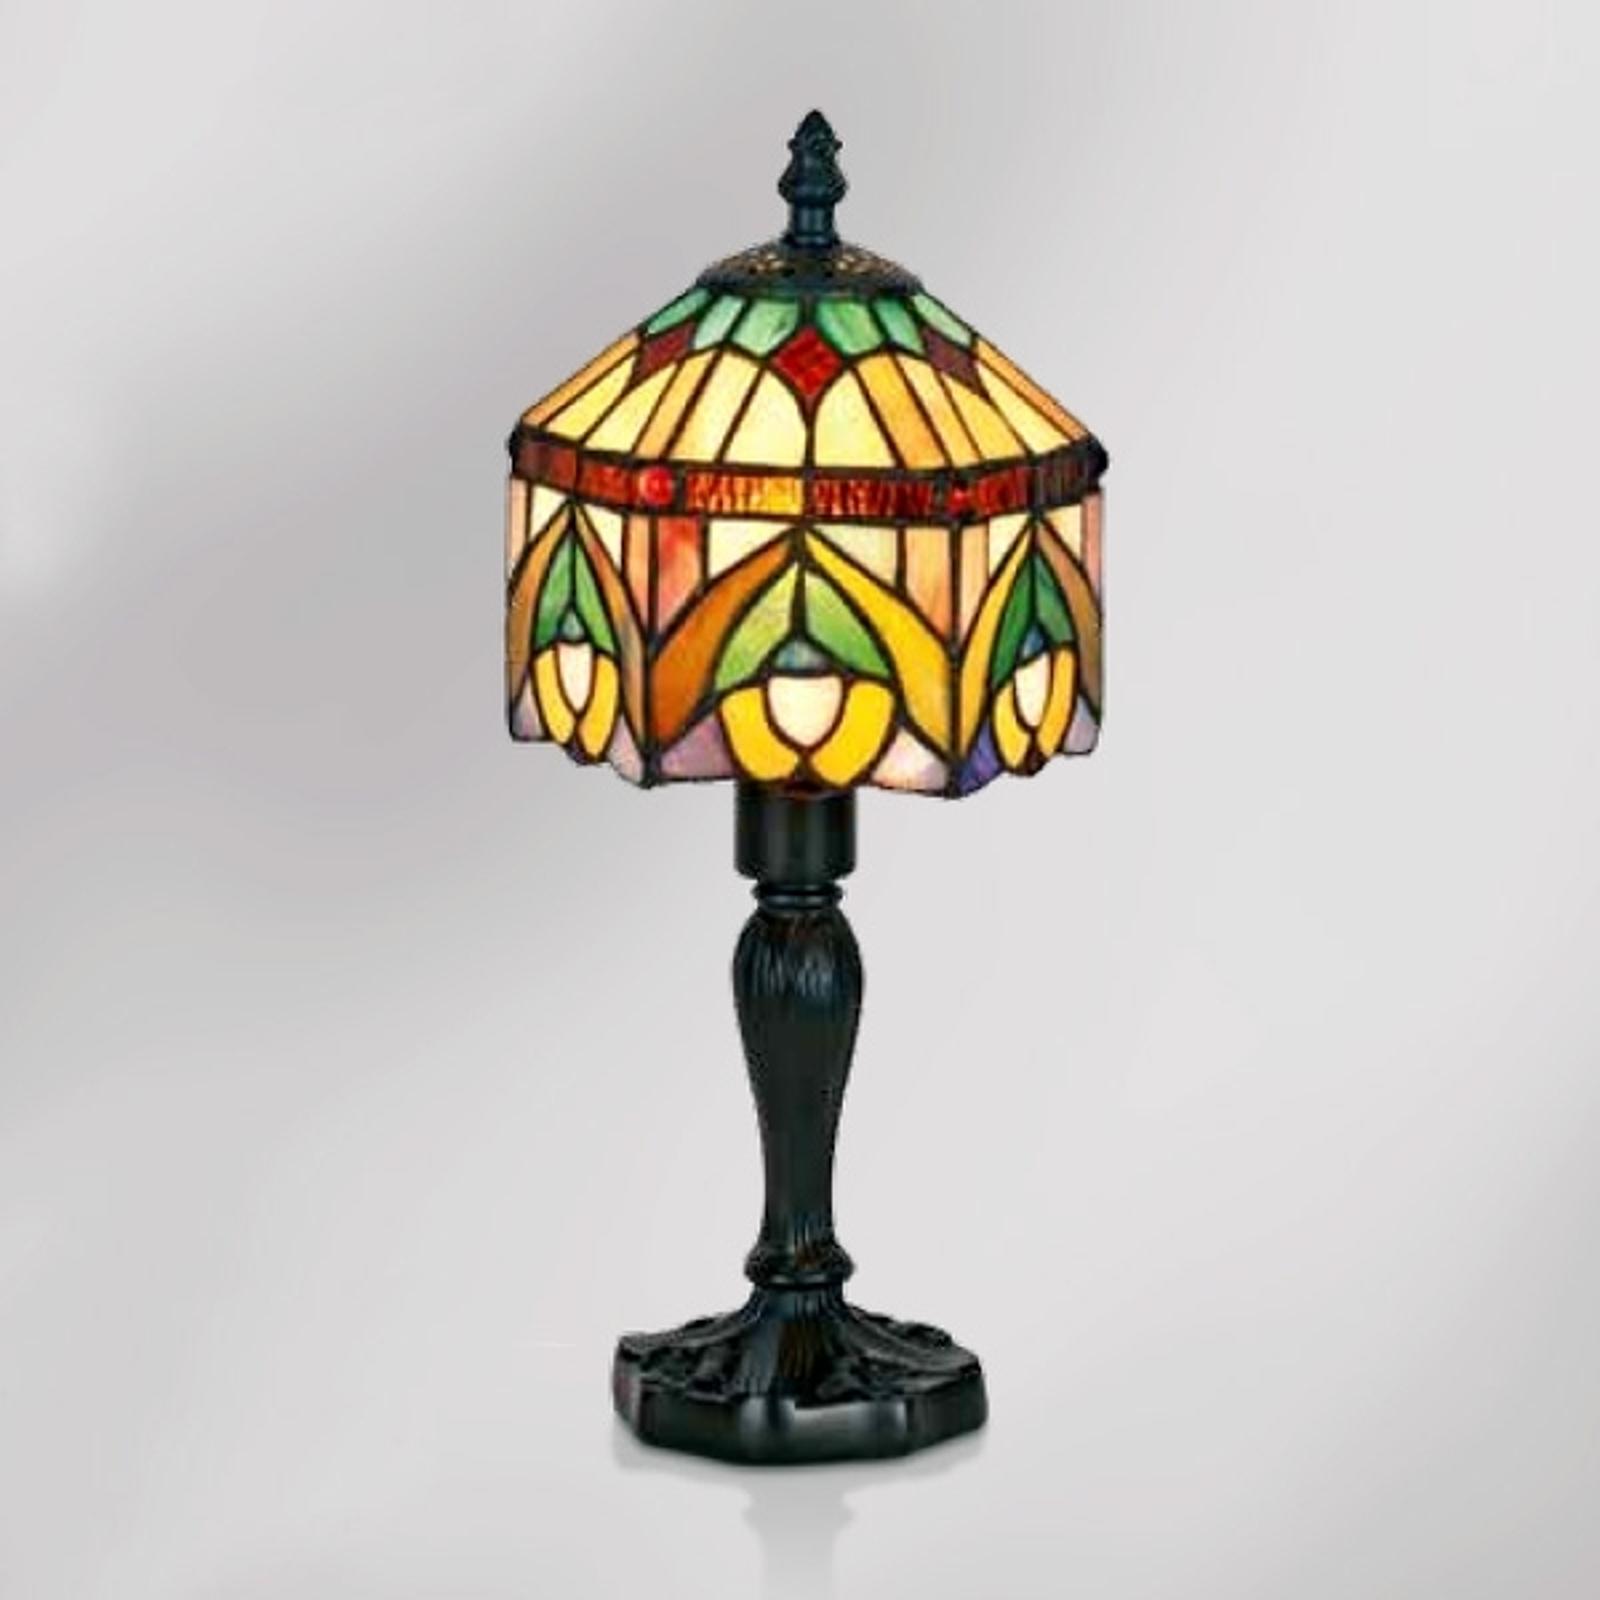 Dekorativ Jamilia bordlampe i Tiffany-stil